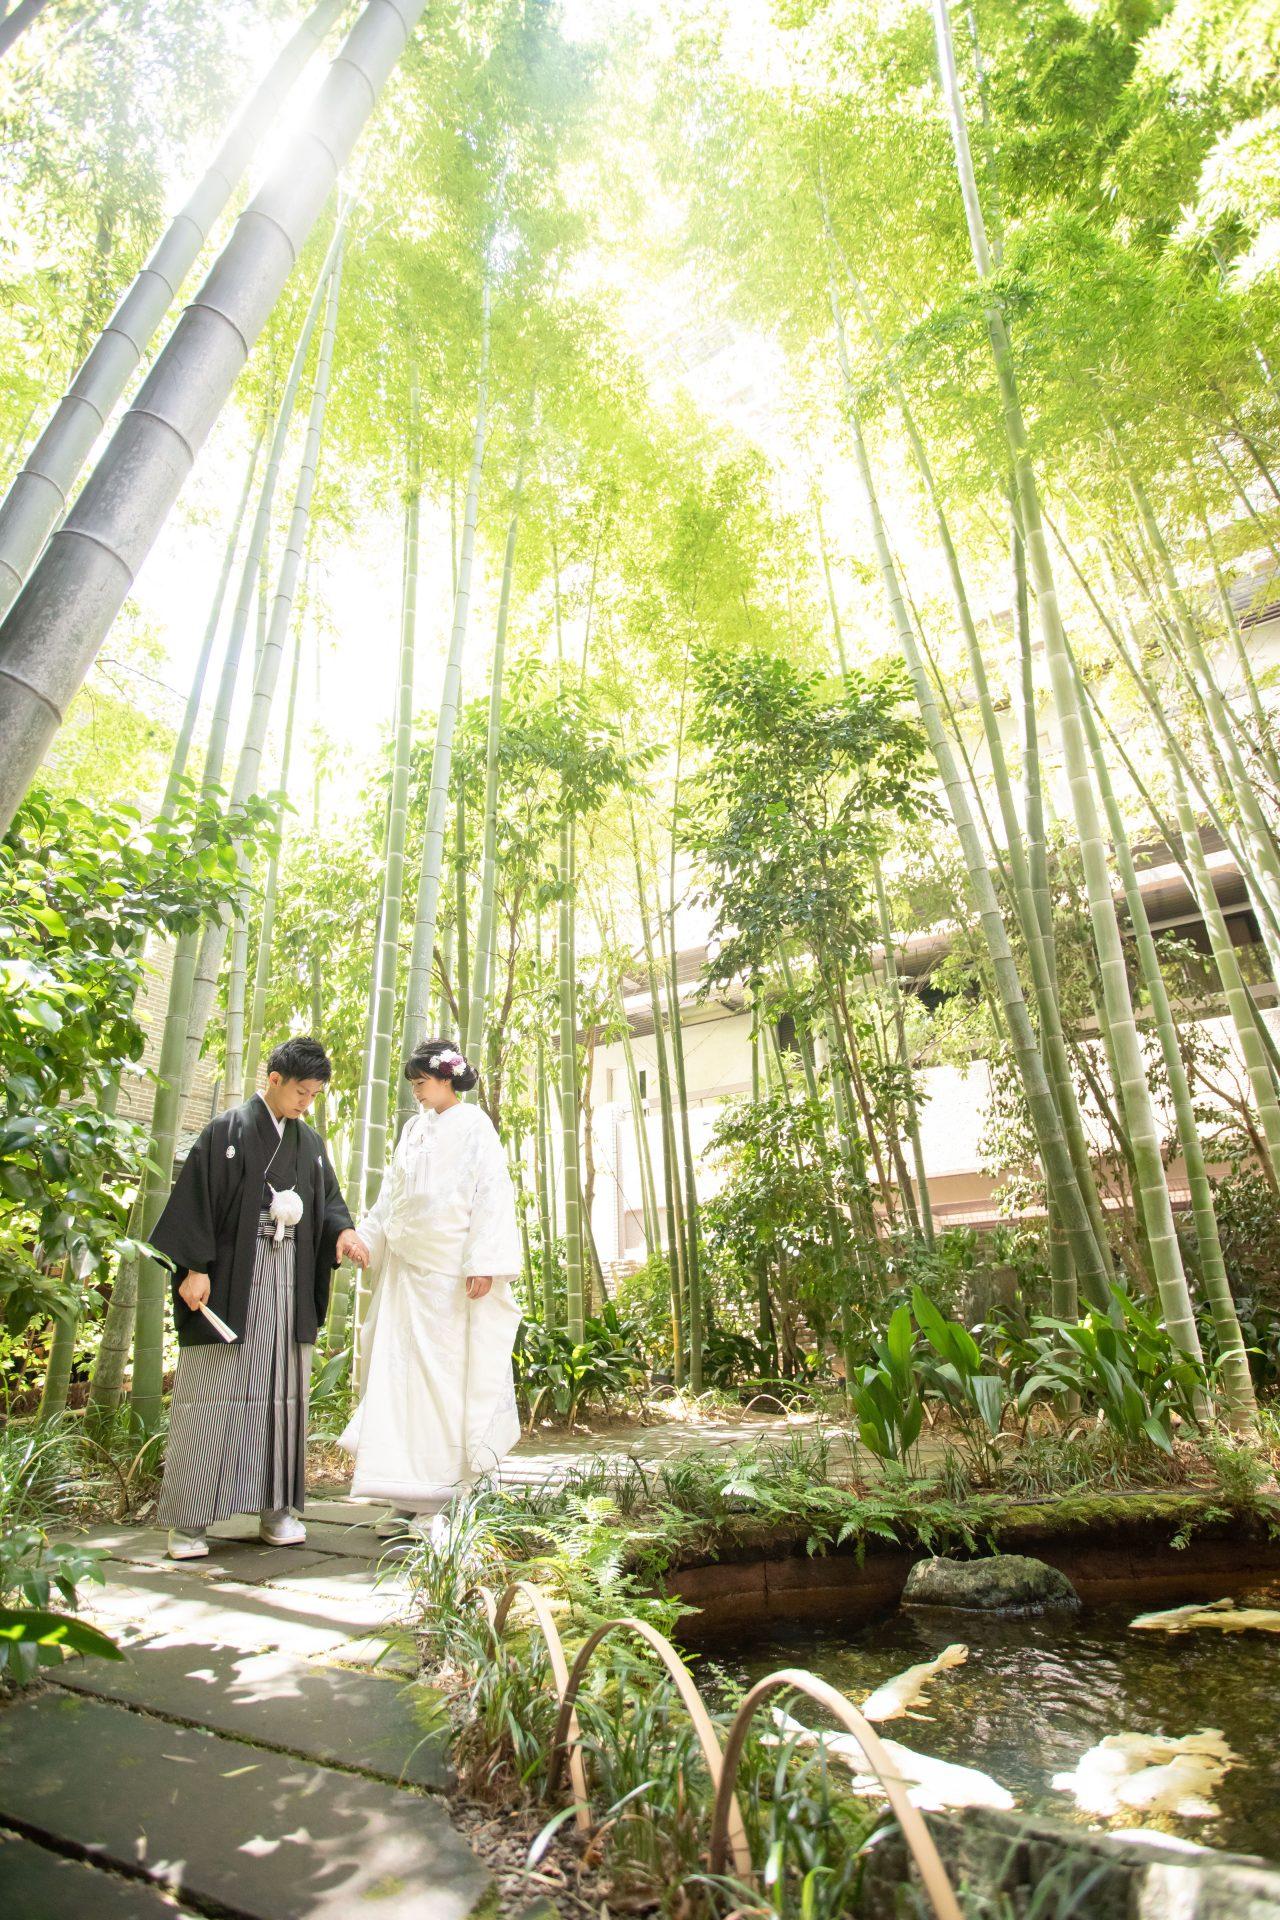 京都で前撮りを検討される新郎新婦様に提案したい竹林のお庭での和装前撮り